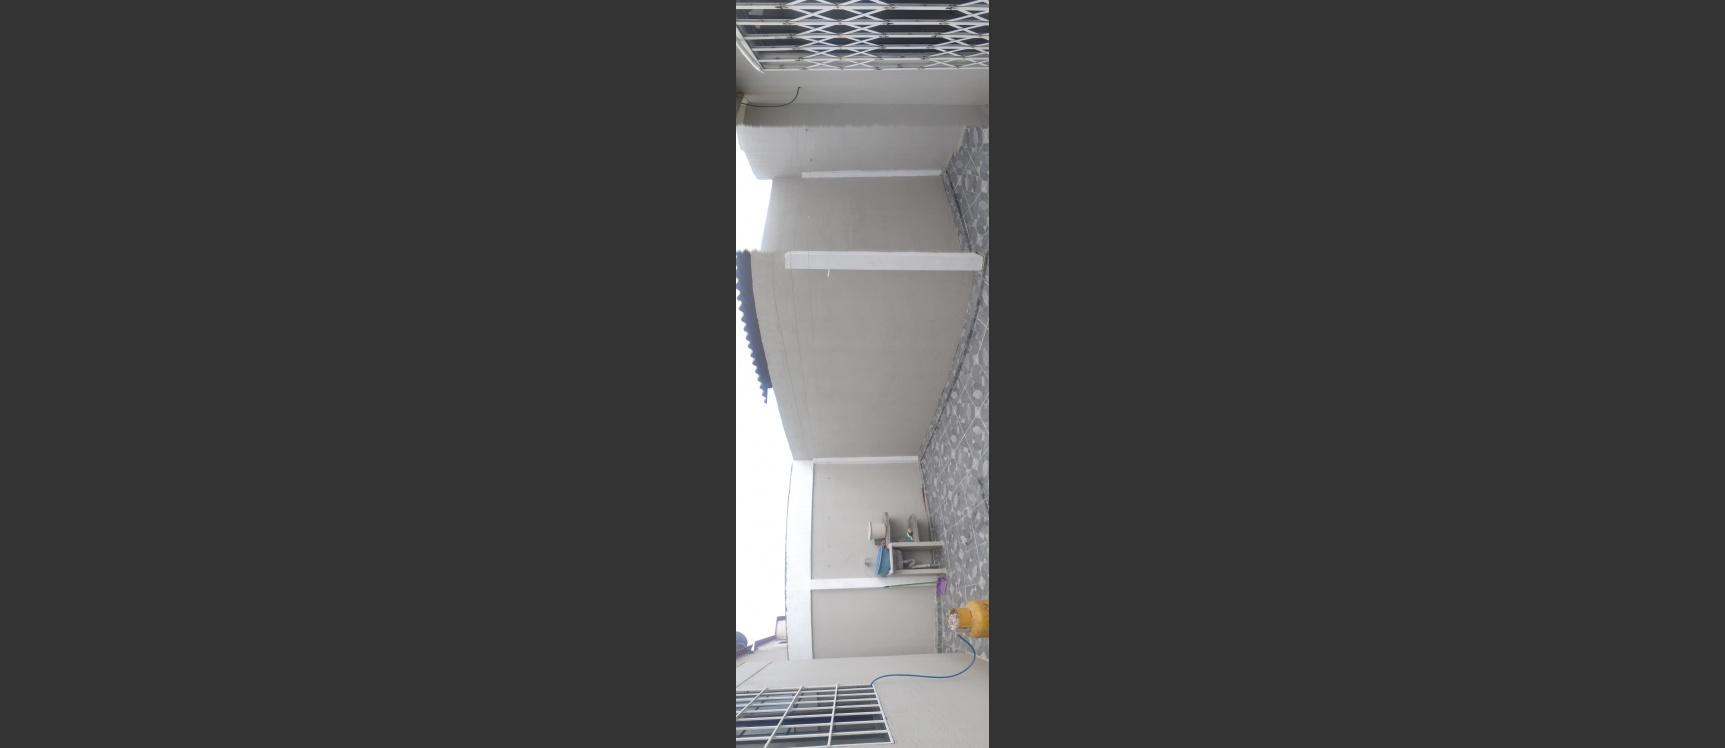 GeoBienes - Casa en venta en La Joya Etapa Rubí  Vía Samborondón - Plusvalia Guayaquil Casas de venta y alquiler Inmobiliaria Ecuador